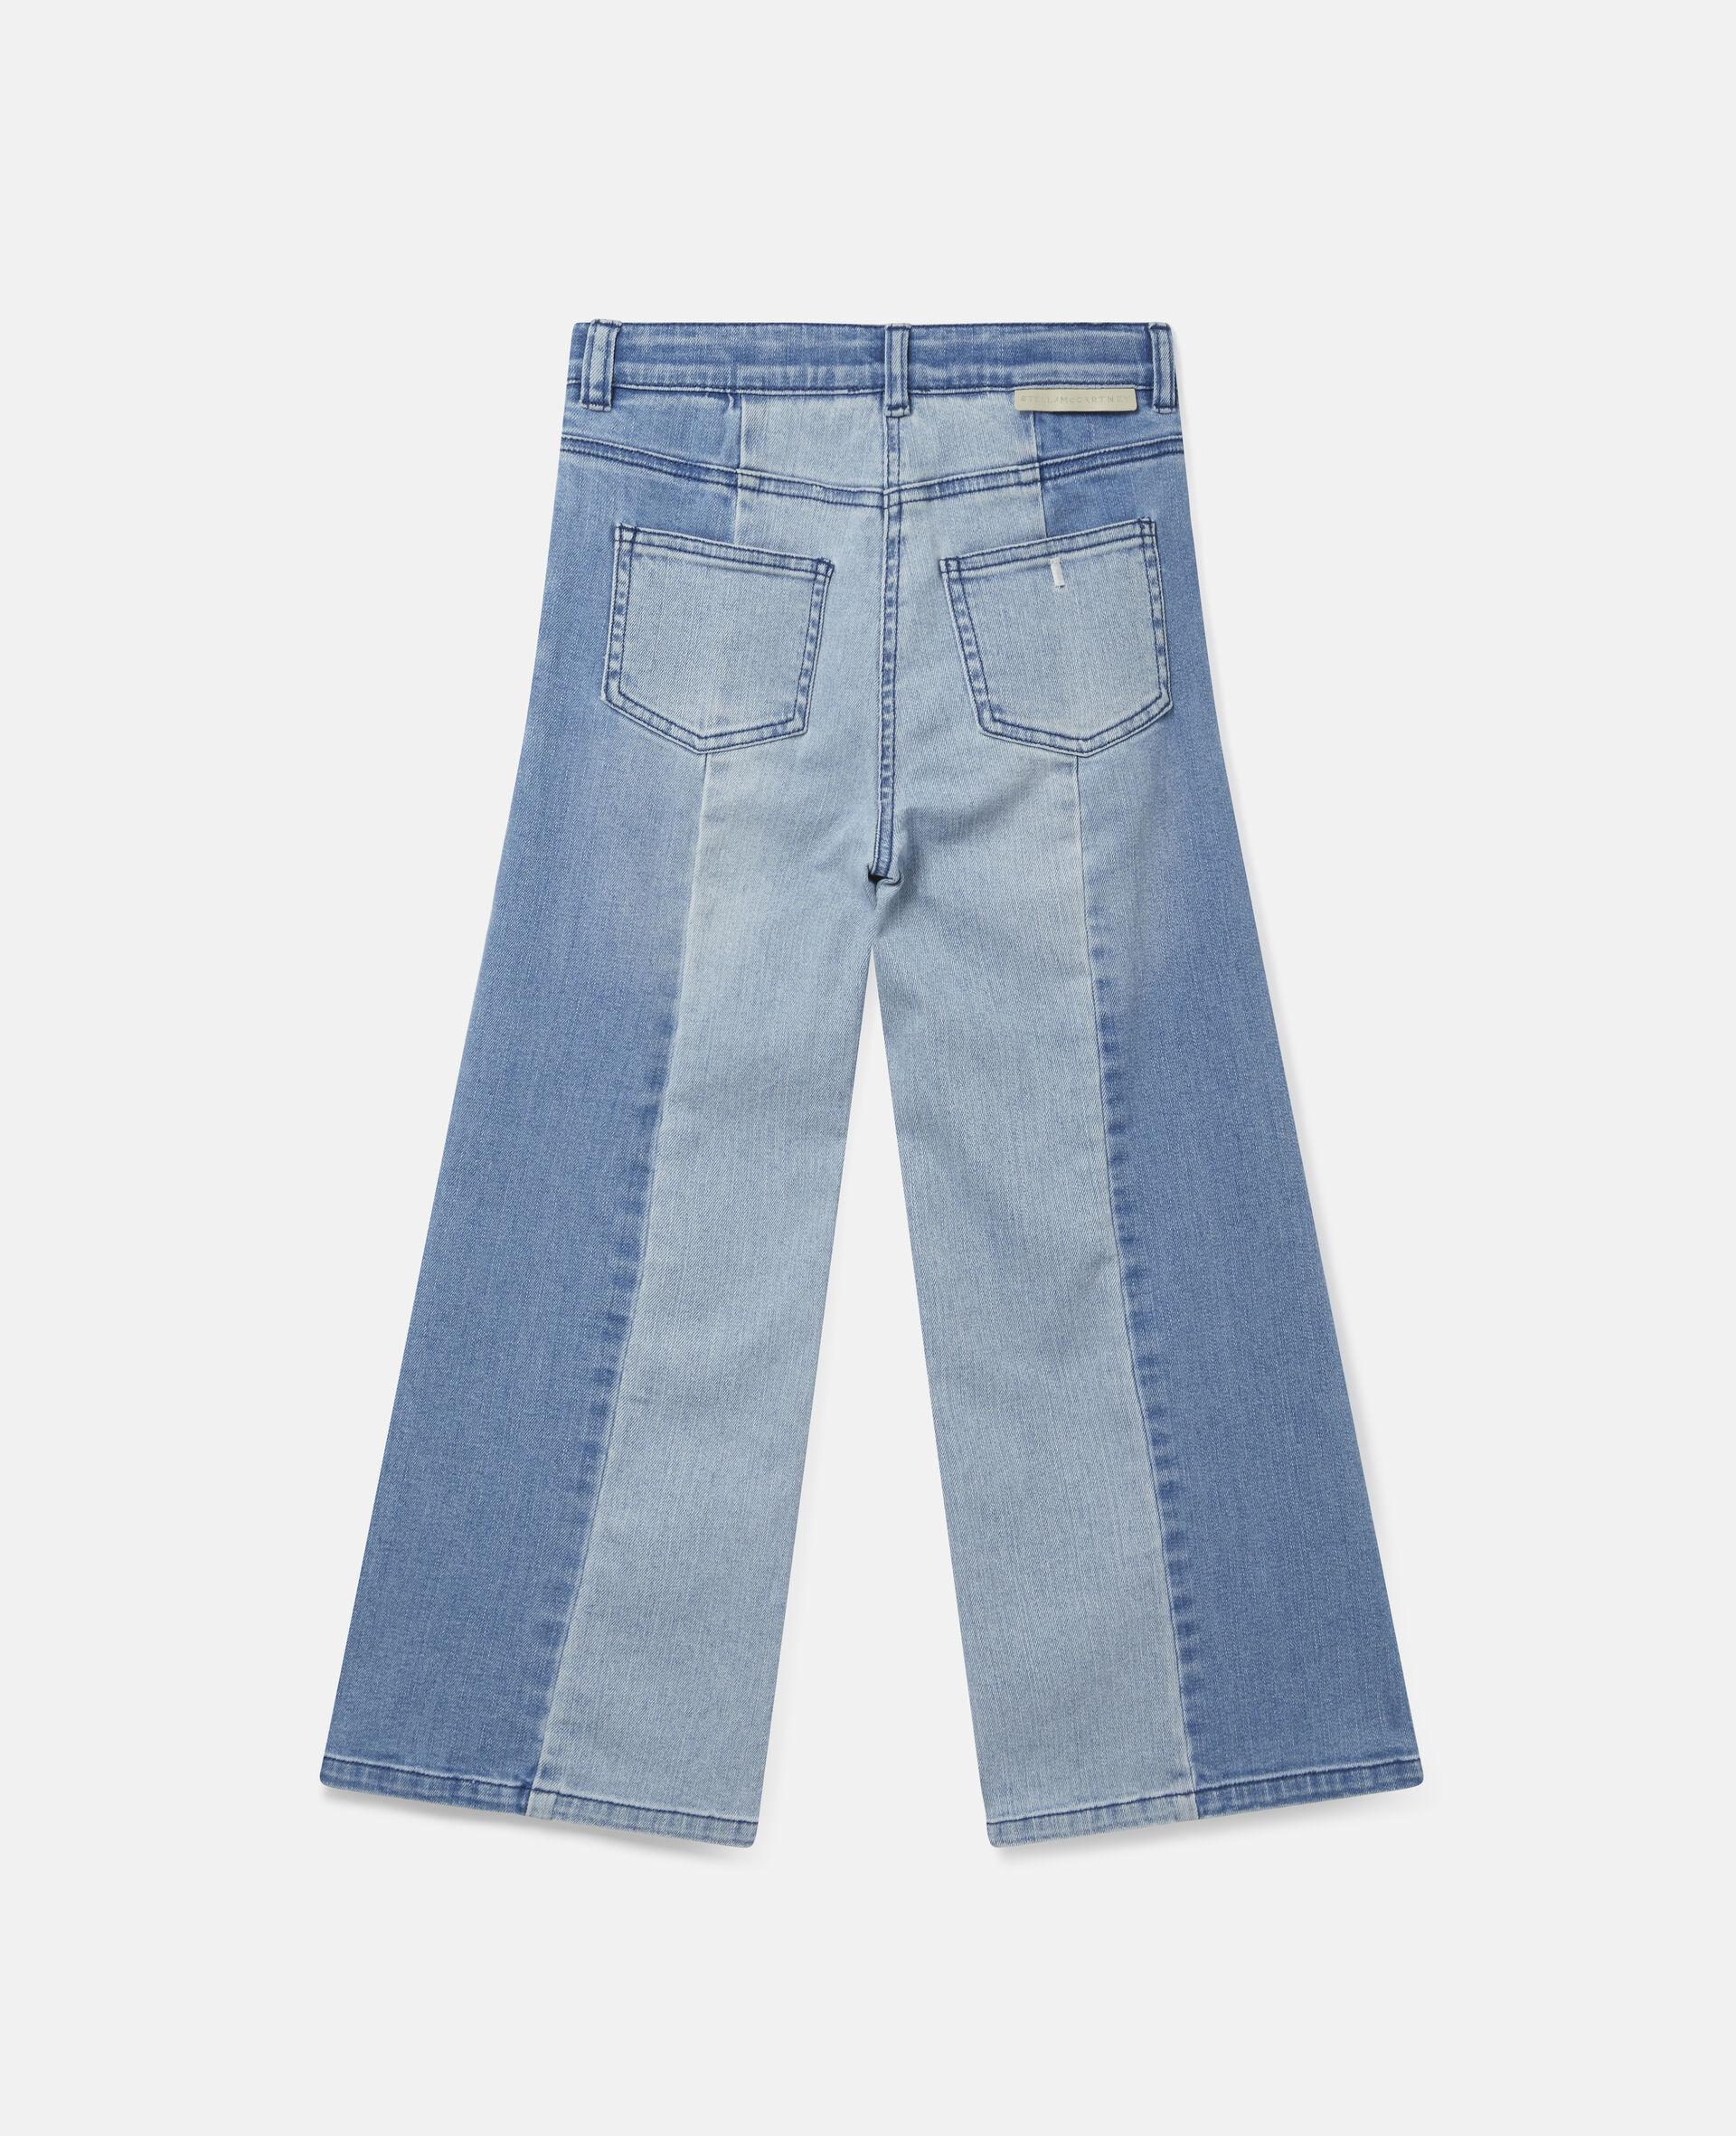 双色牛仔长裤 -蓝色-large image number 3